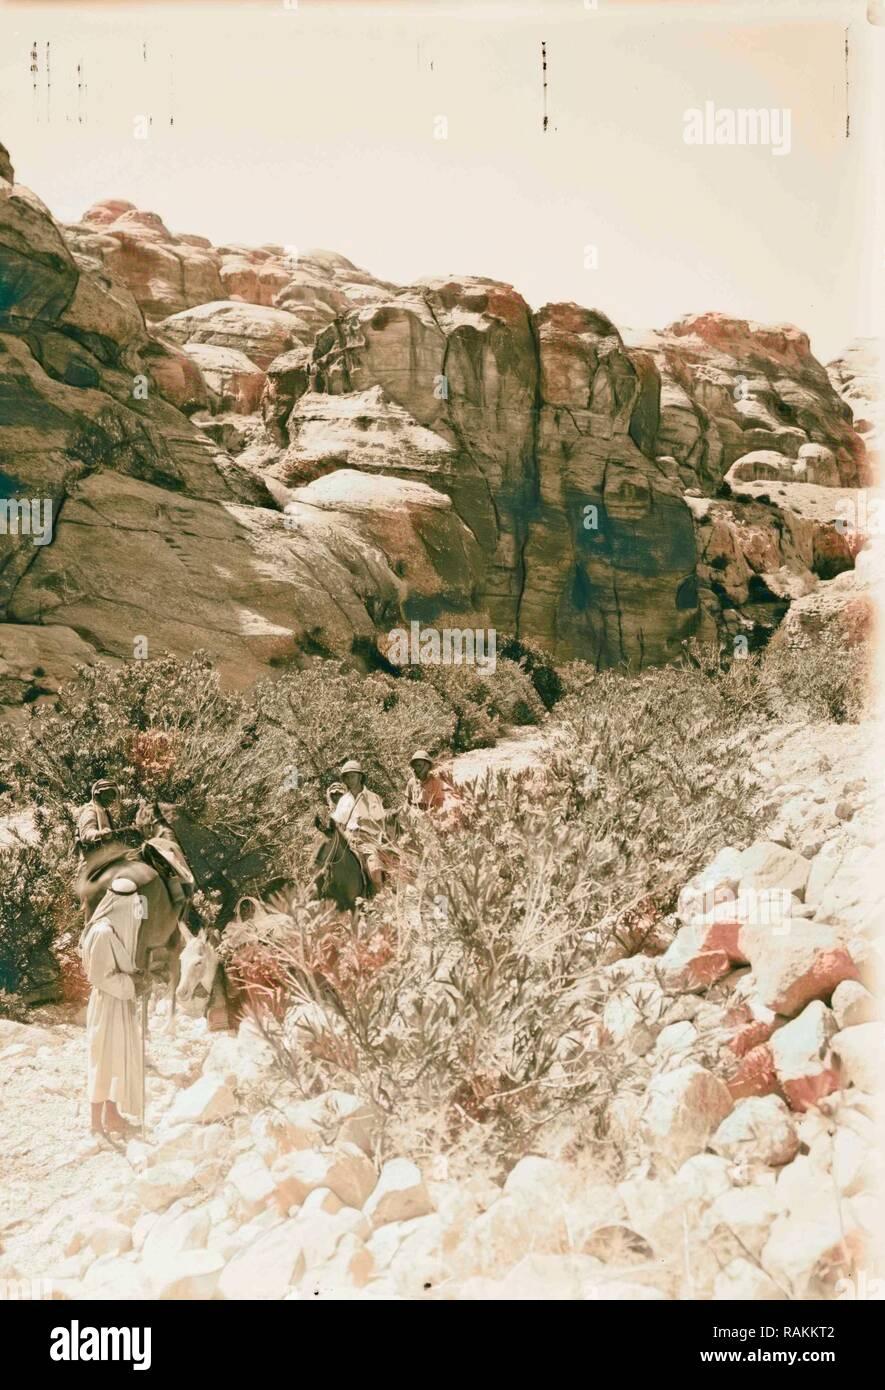 Bab Es-Sik à Pétra. 1898, Jordanie, Petra (éteint). Repensé par Gibon. L'art classique avec une touche moderne repensé Photo Stock